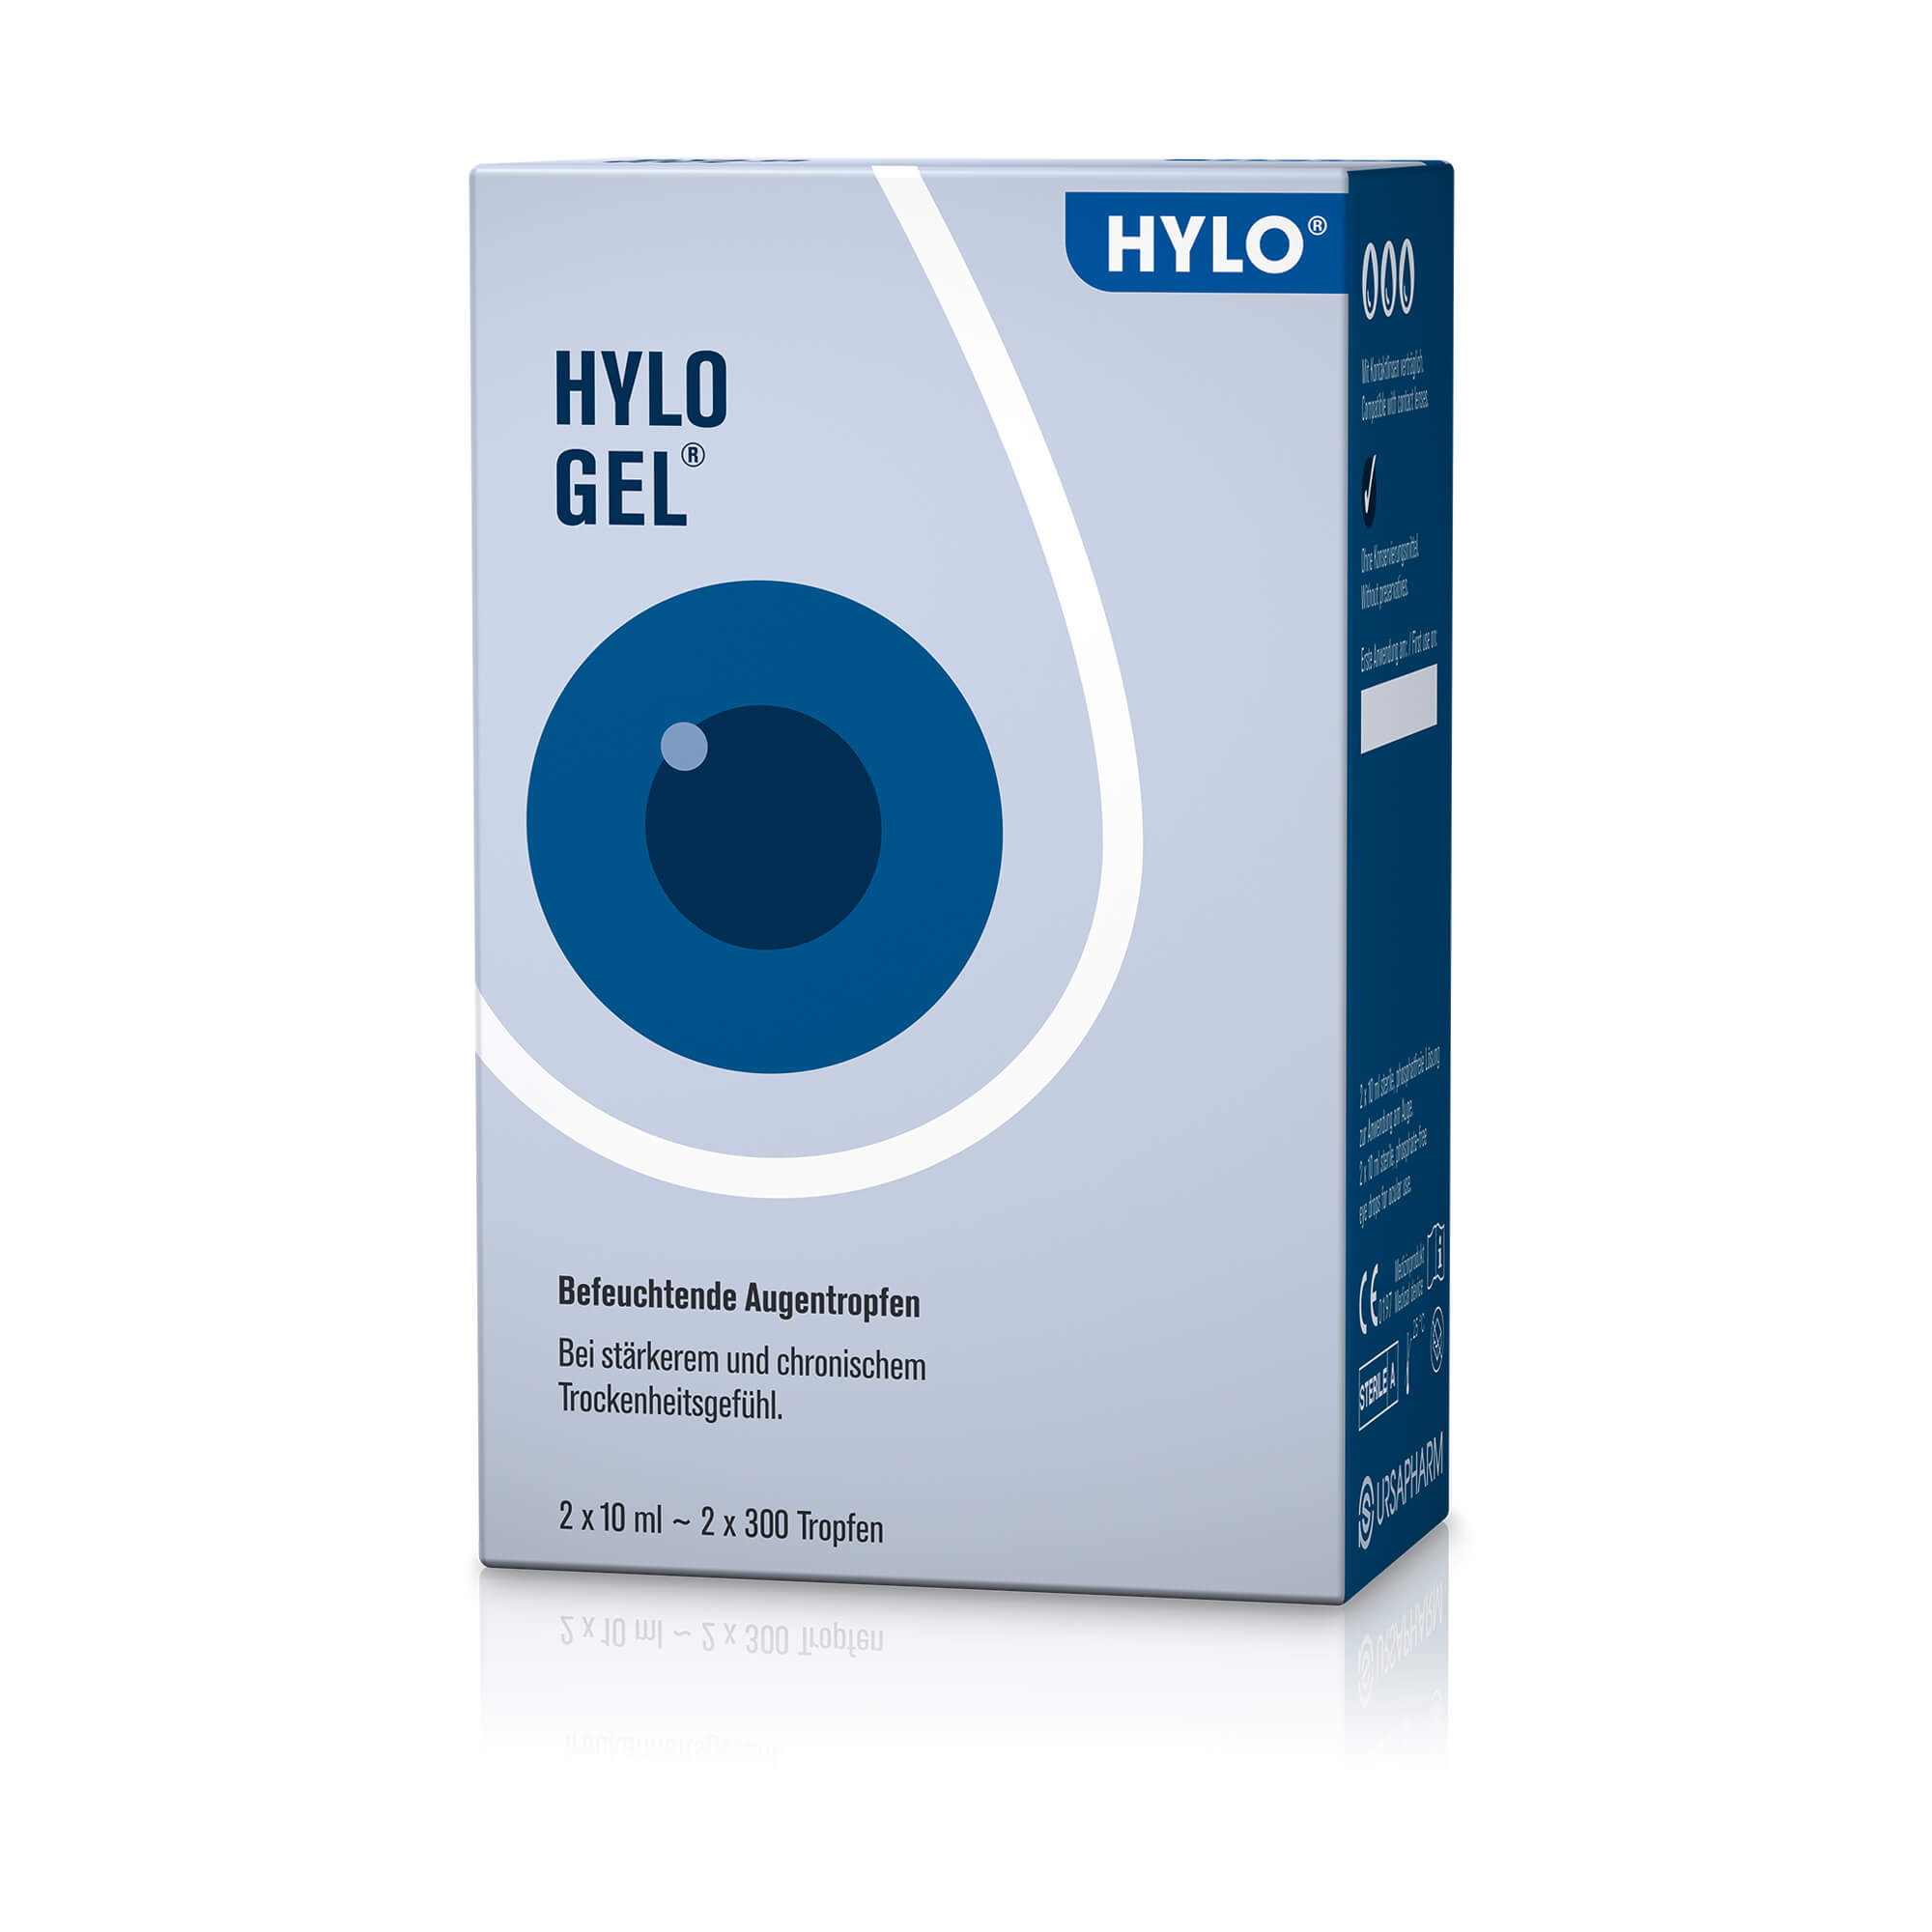 HYLO-GEL-Augentropfen